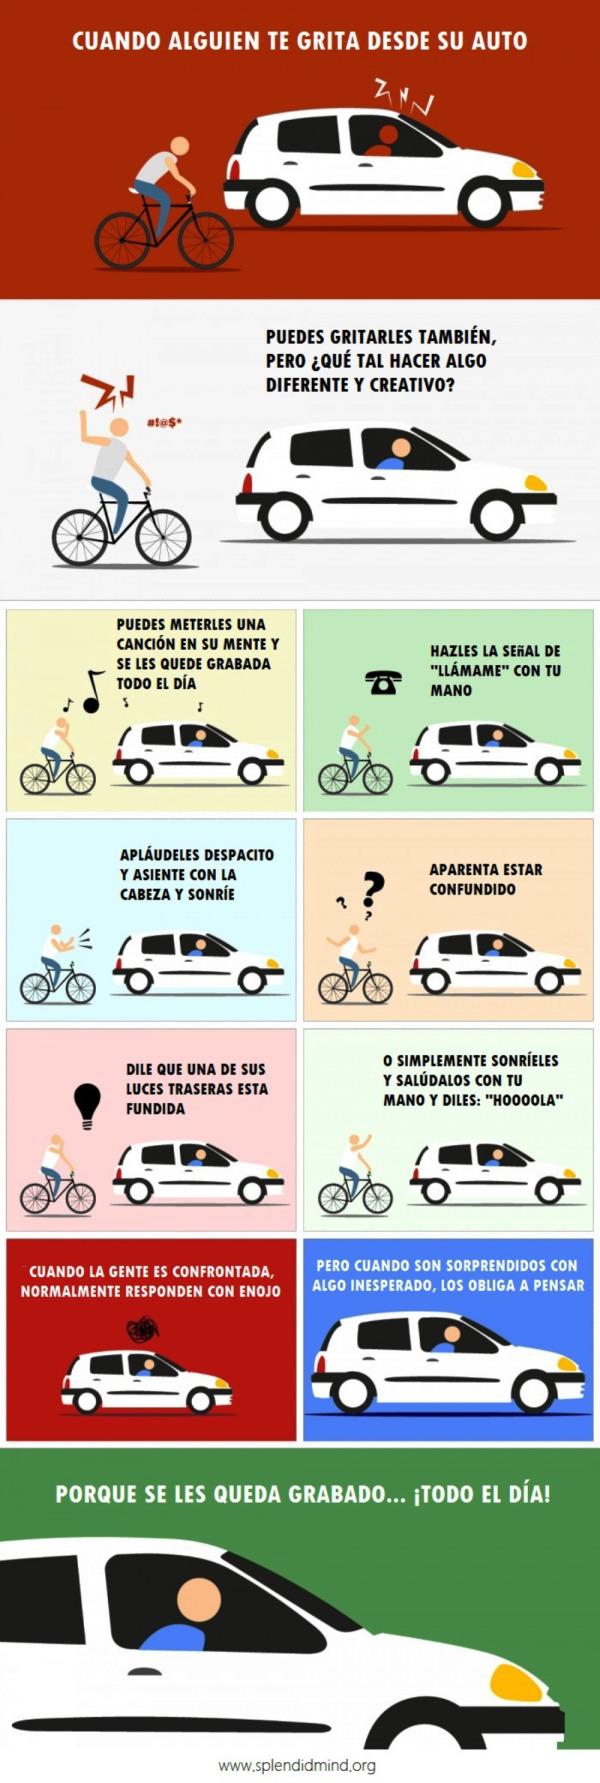 Esta Imagen Te Explica Qué Hacer Cuando Alguien Te Insulta En La Carretera Car Repair Service Bike Bike Repair